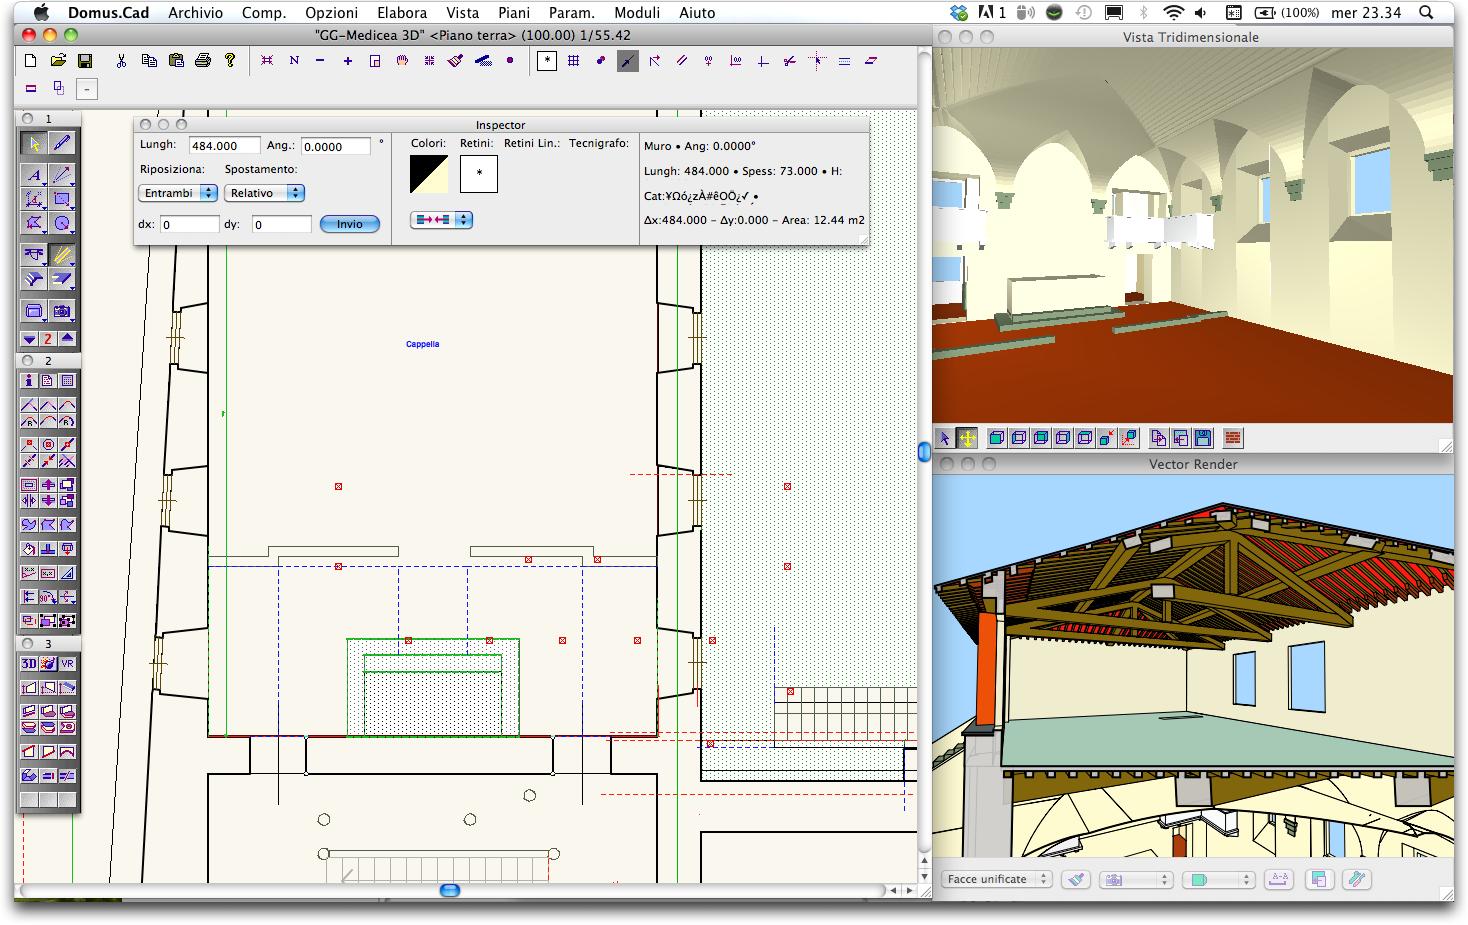 Domus cad pro 3 cad bim architettonico 3d interstudio - Programma per progettare casa 3d ...